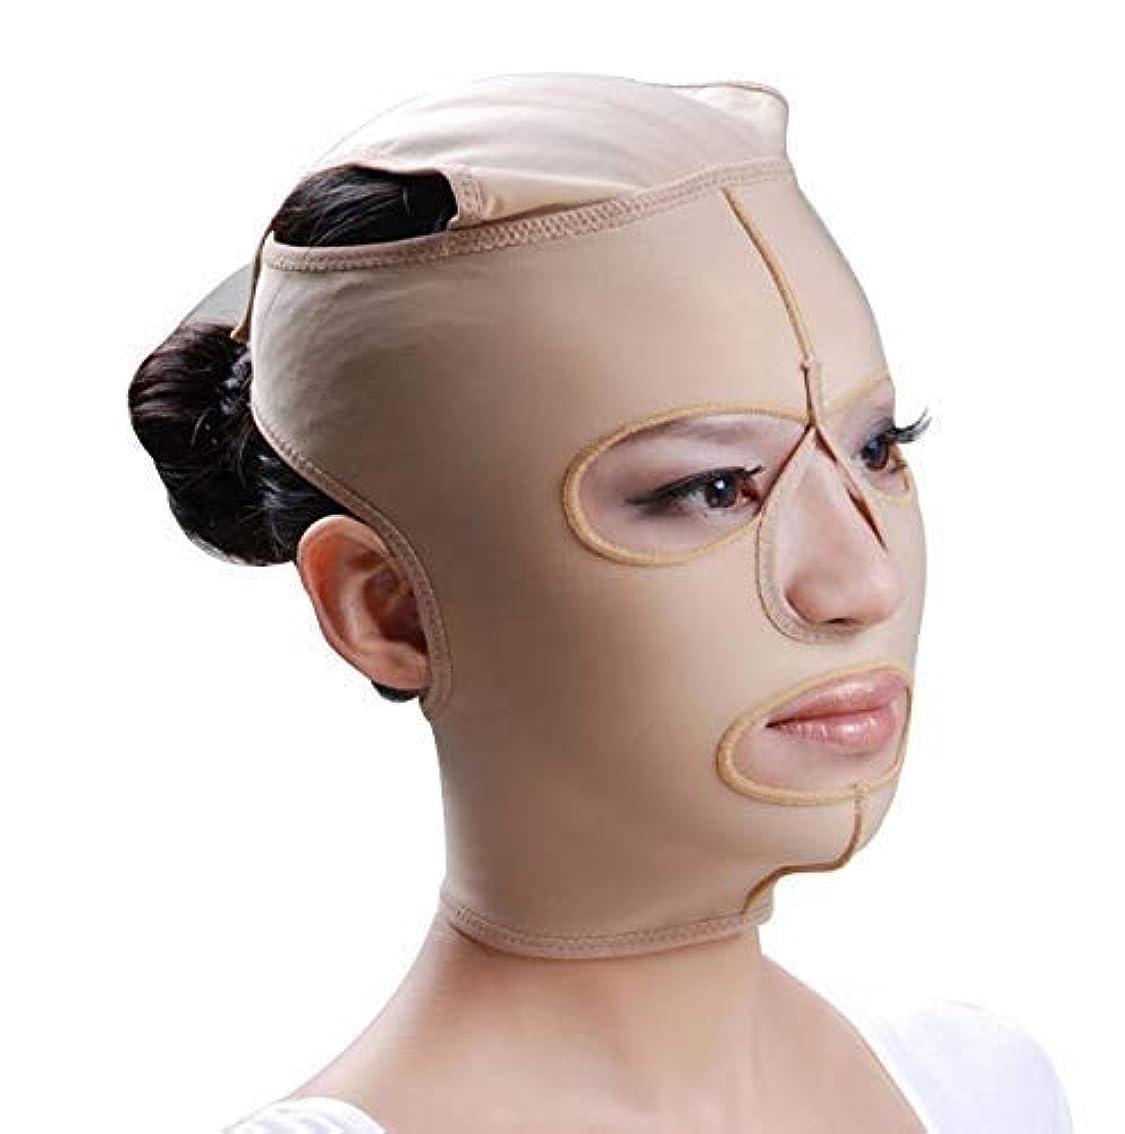 傾向がある大学バブルファーミングフェイスマスク、フェイシャルマスク弾性フェイスリフティングリフティングファーミングパターンマイクロフィニッシングポストモデリングコンプレッションフェイスマスク(サイズ:L)